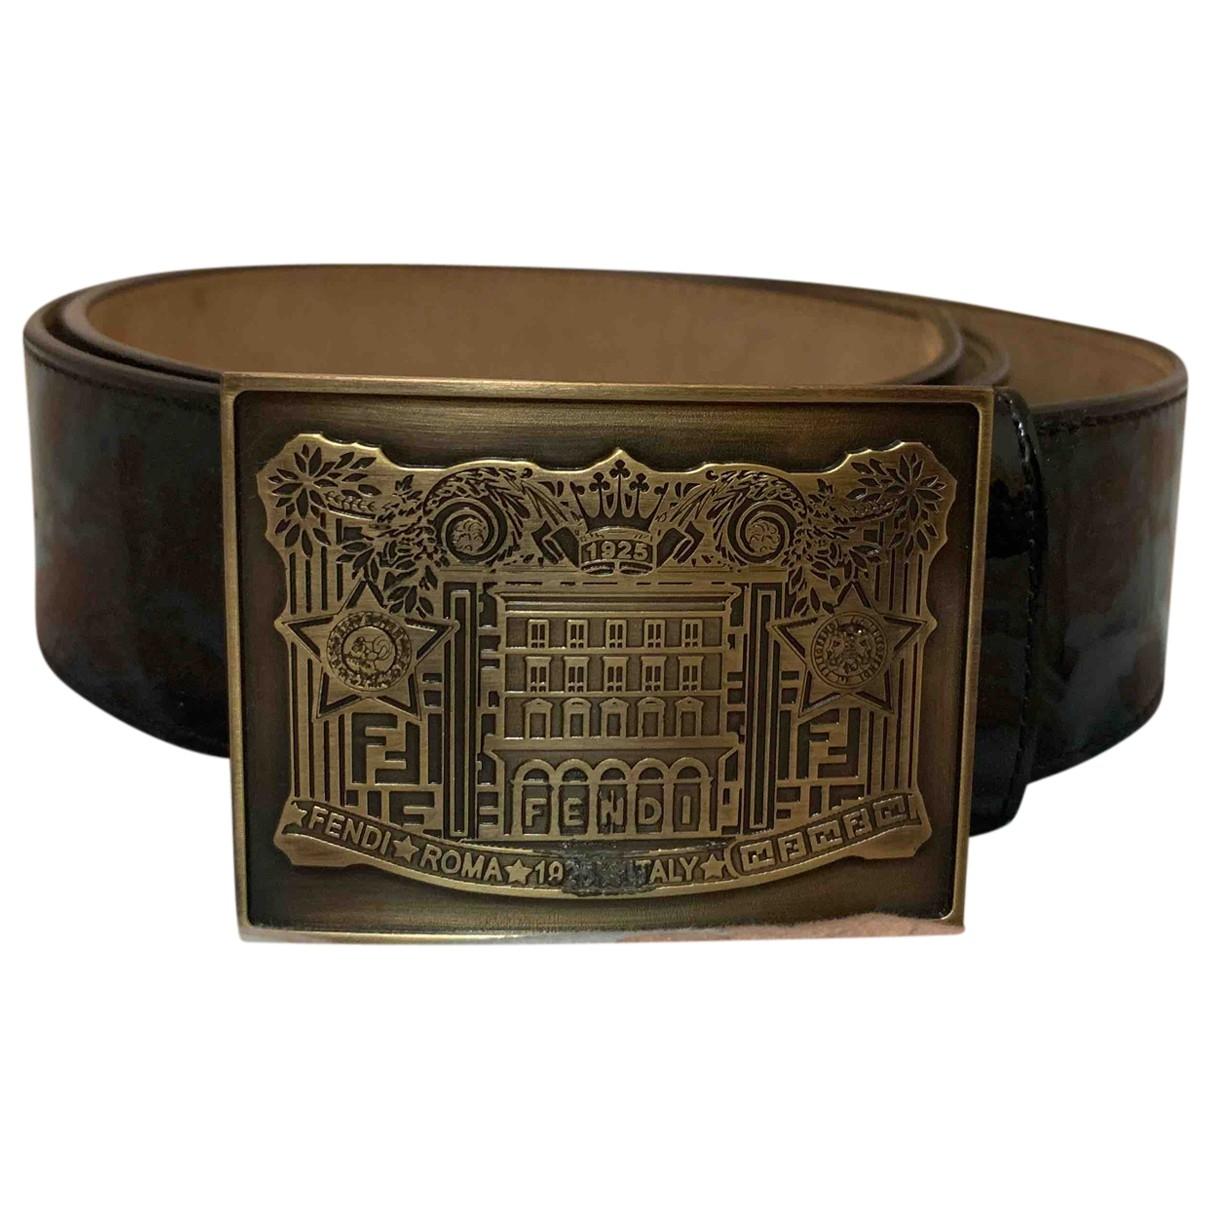 Cinturon de Charol Fendi